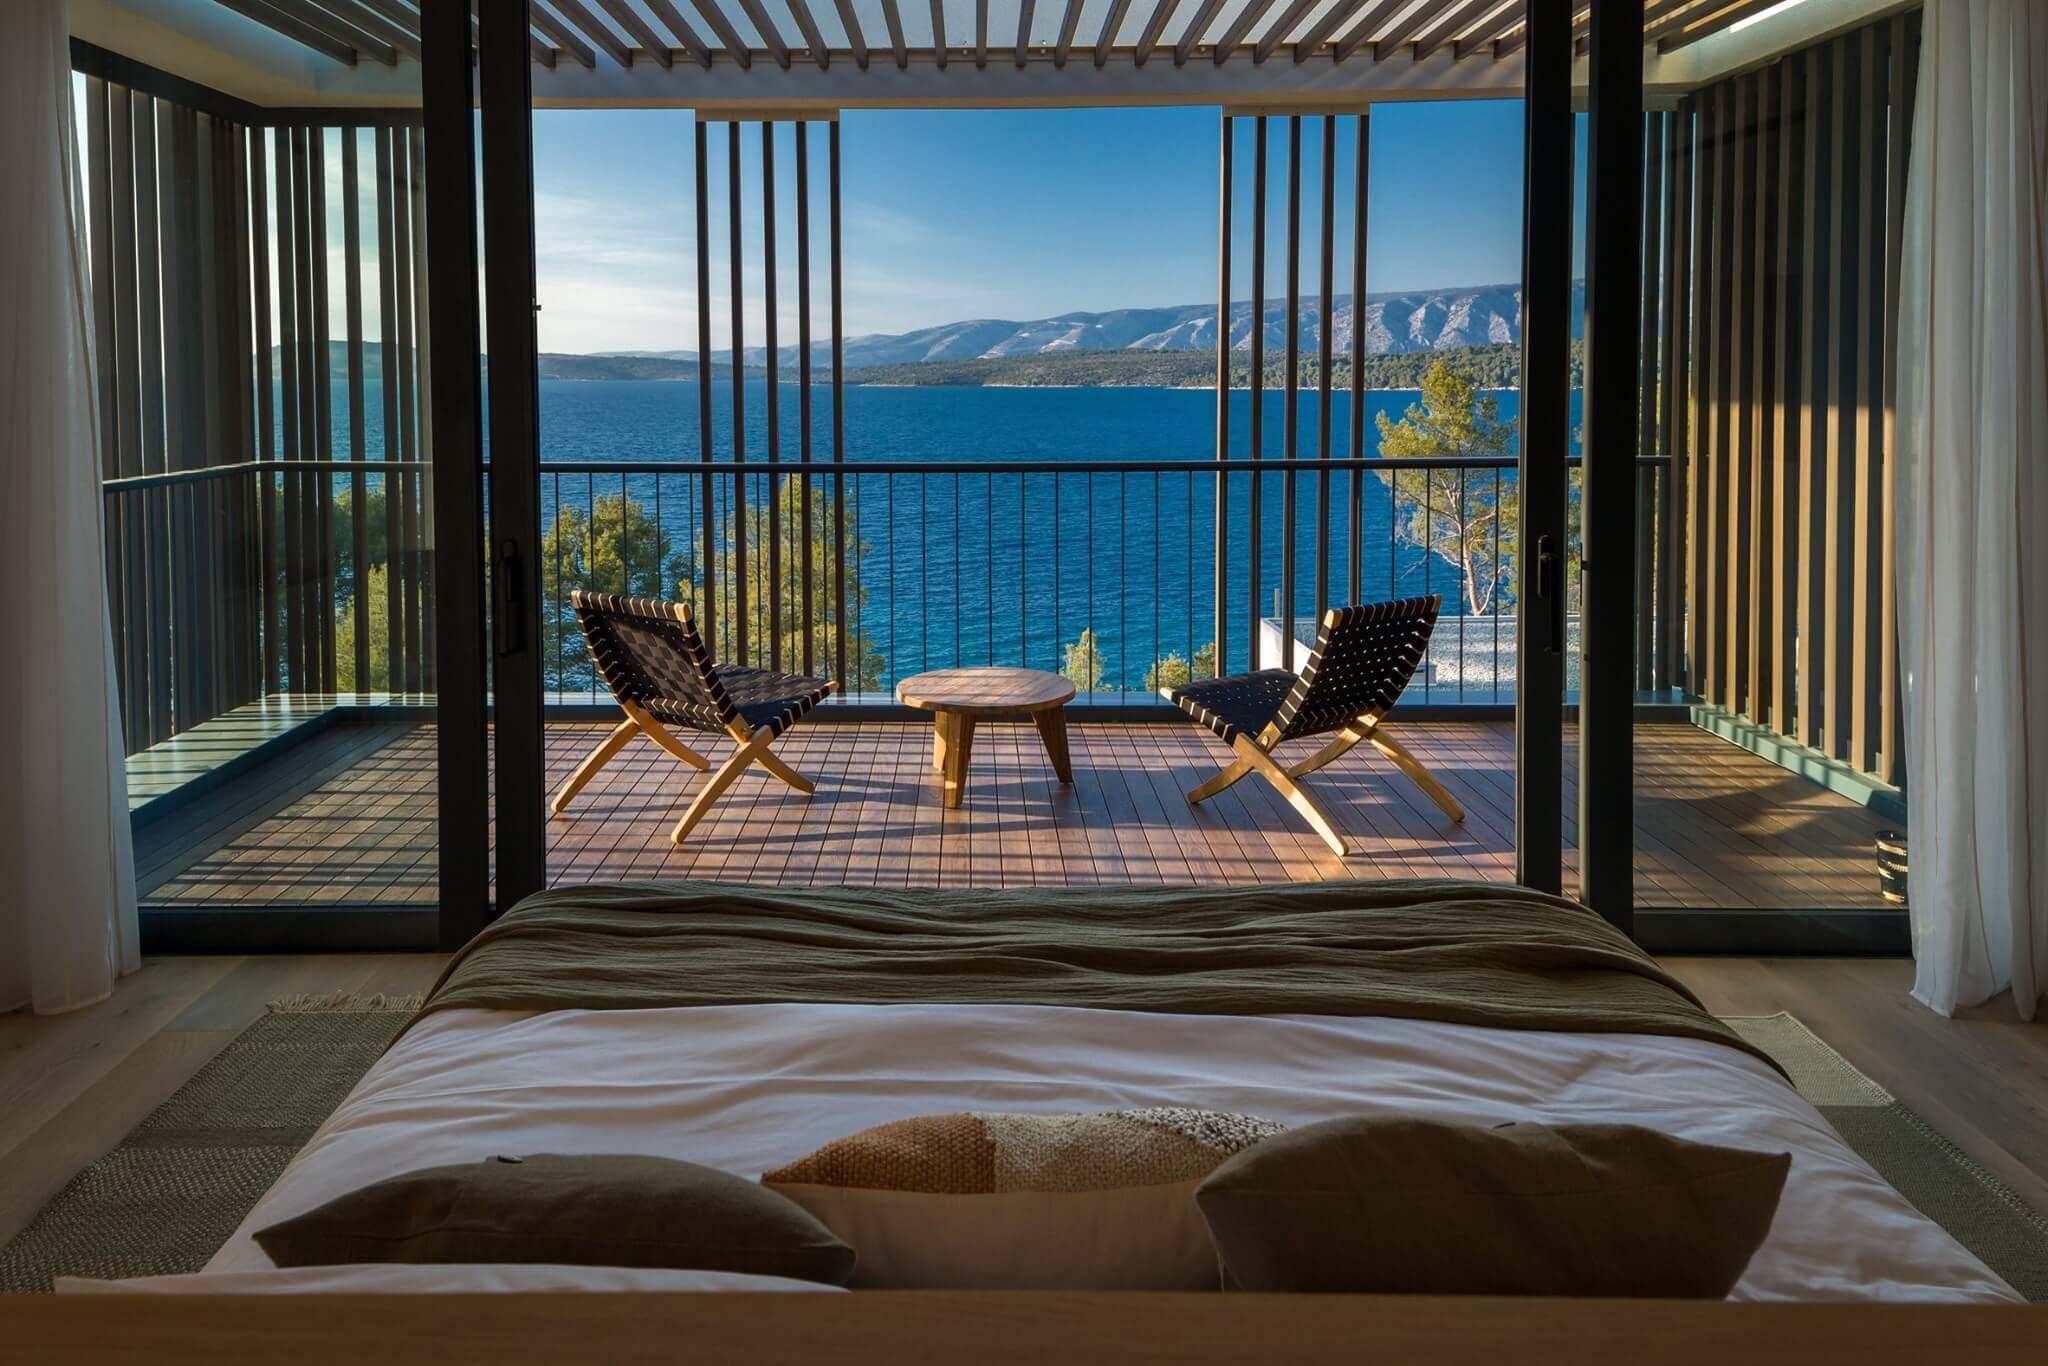 Sur l'île de Hvar en Croatie, le Maslina Resort ouvre ses portes dans un cadre 5-étoiles estampillé Relais & Châteaux. Au programme, 50 clés, deux piscines à débordement, un potager et des expériences authentiques au bord de la mer Adriatique.